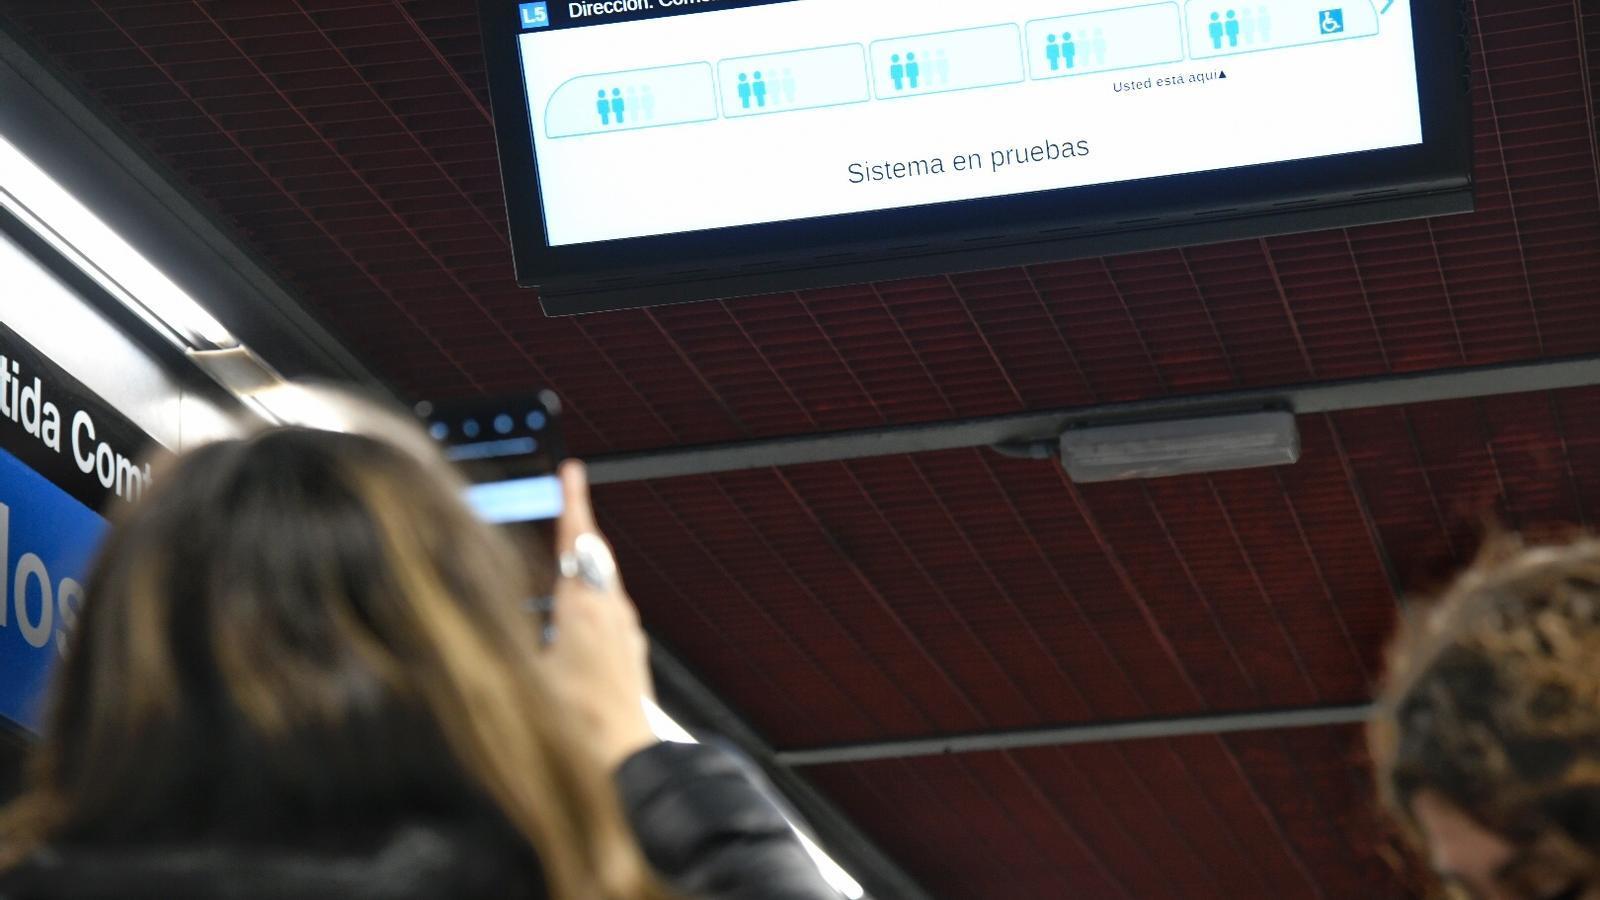 La pantalla que informa com de buits van els vagons, aquest migdia.